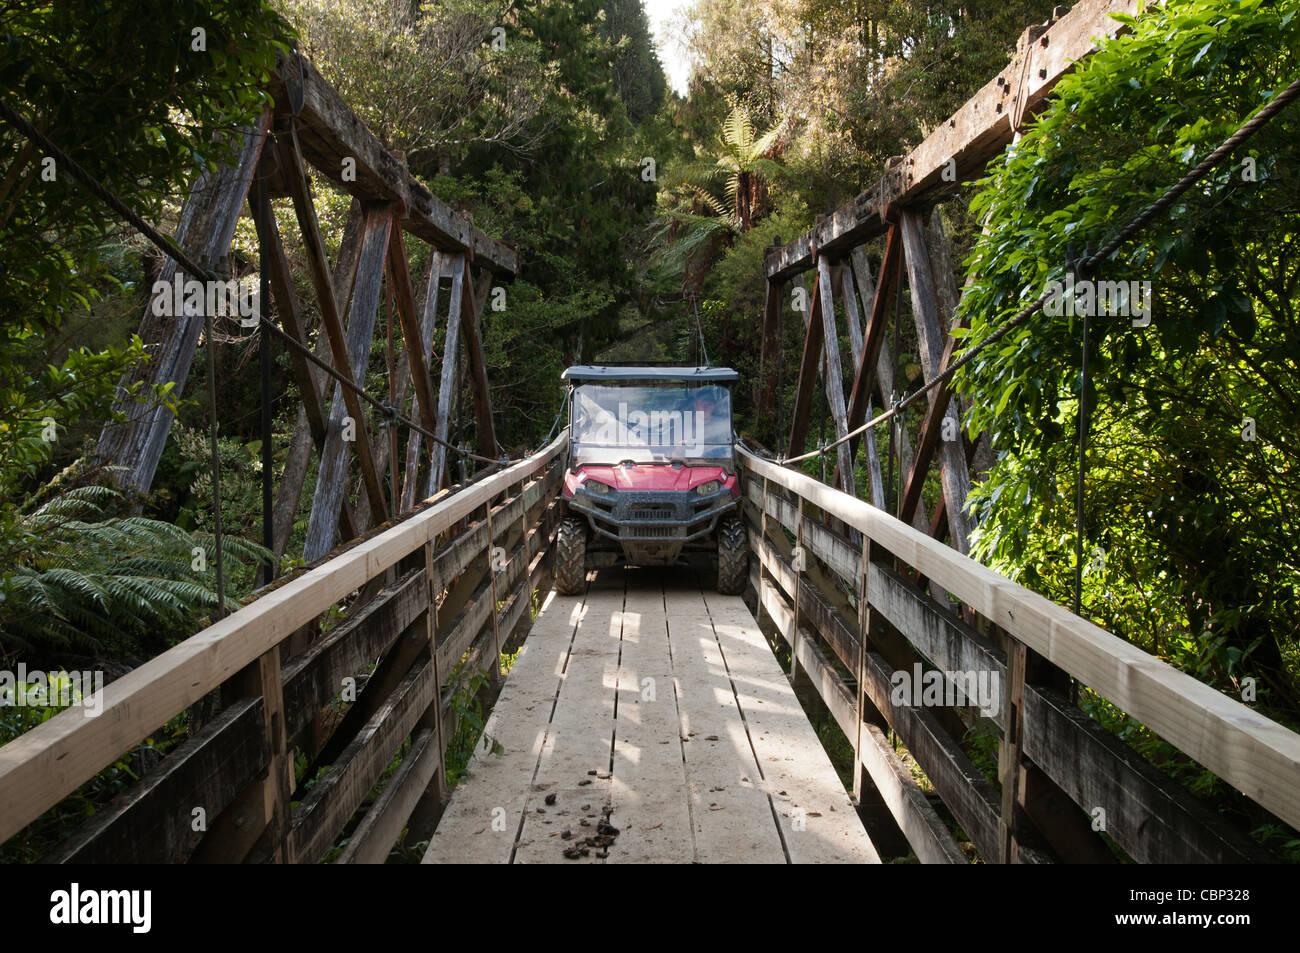 Man driving across wooden bridge in Vehicle - Stock Image